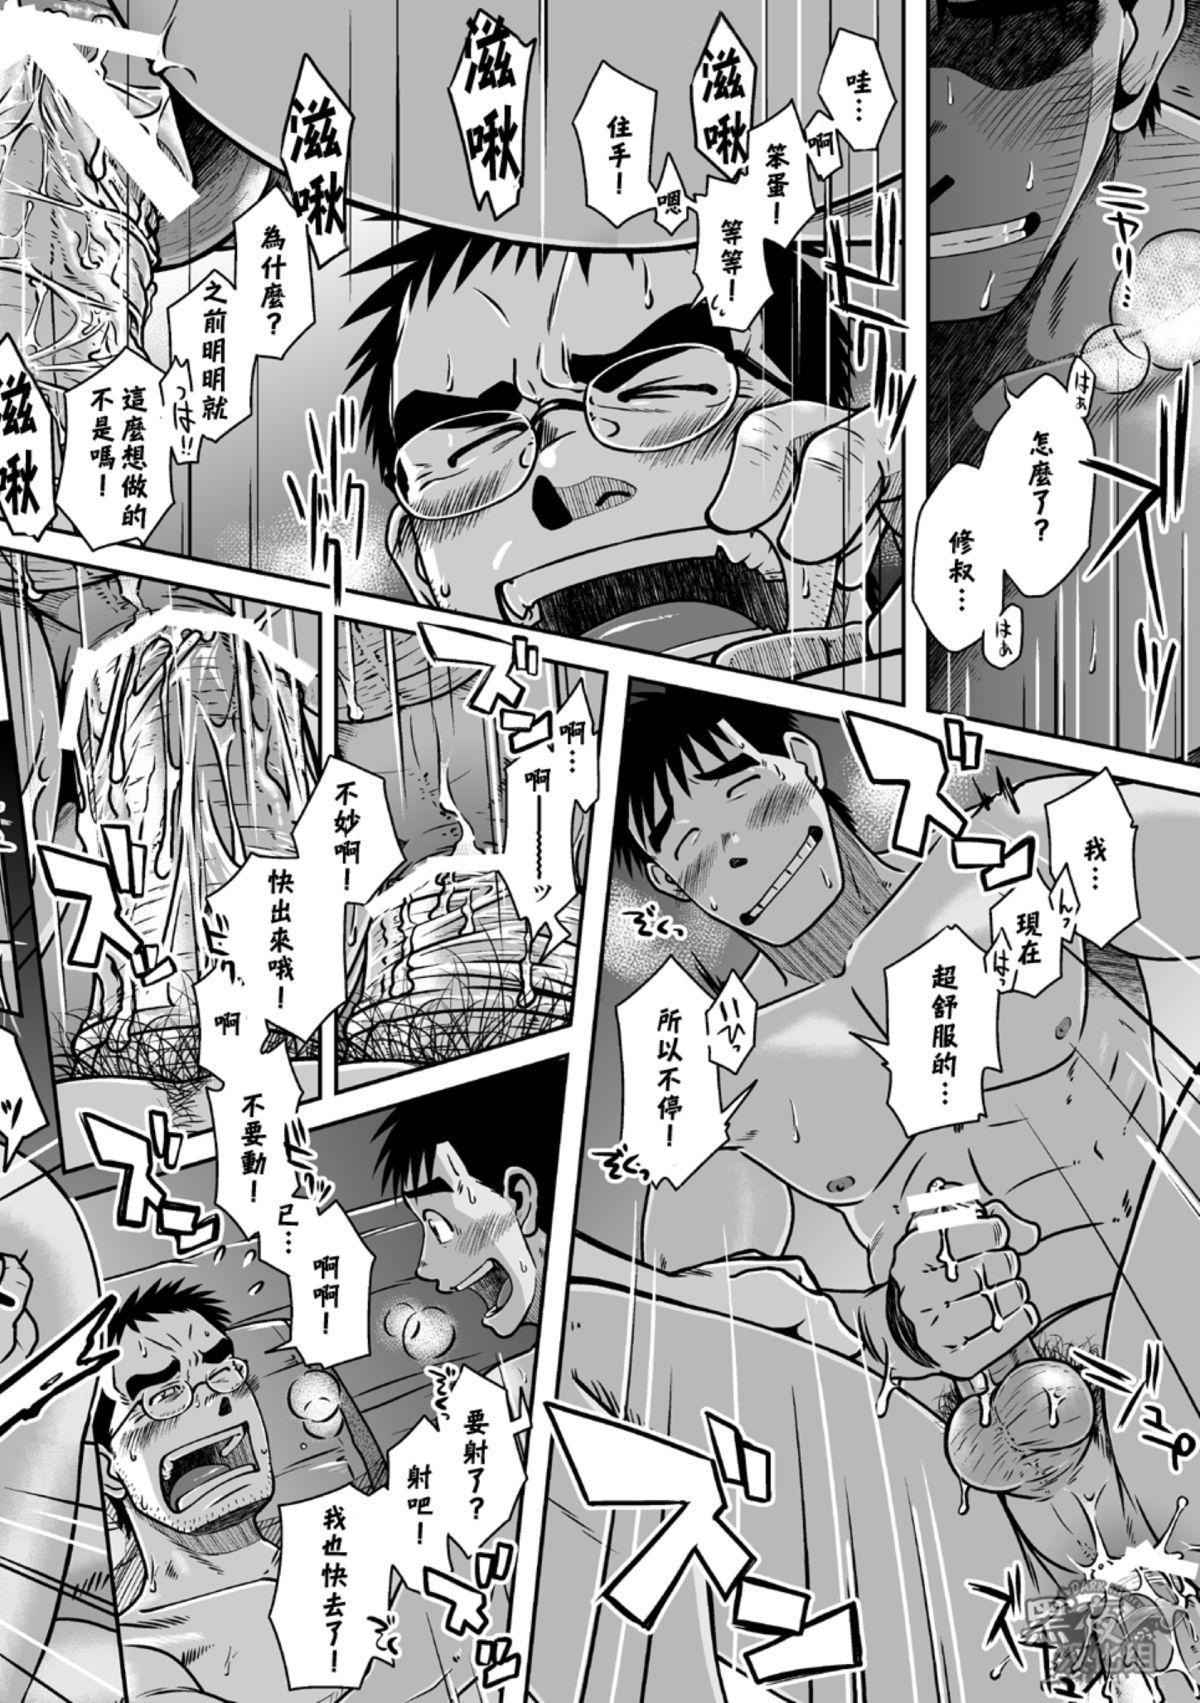 Hatsukoi Shoten 2 - Bururi Kaidan Ryokan | 初戀書店 2 17